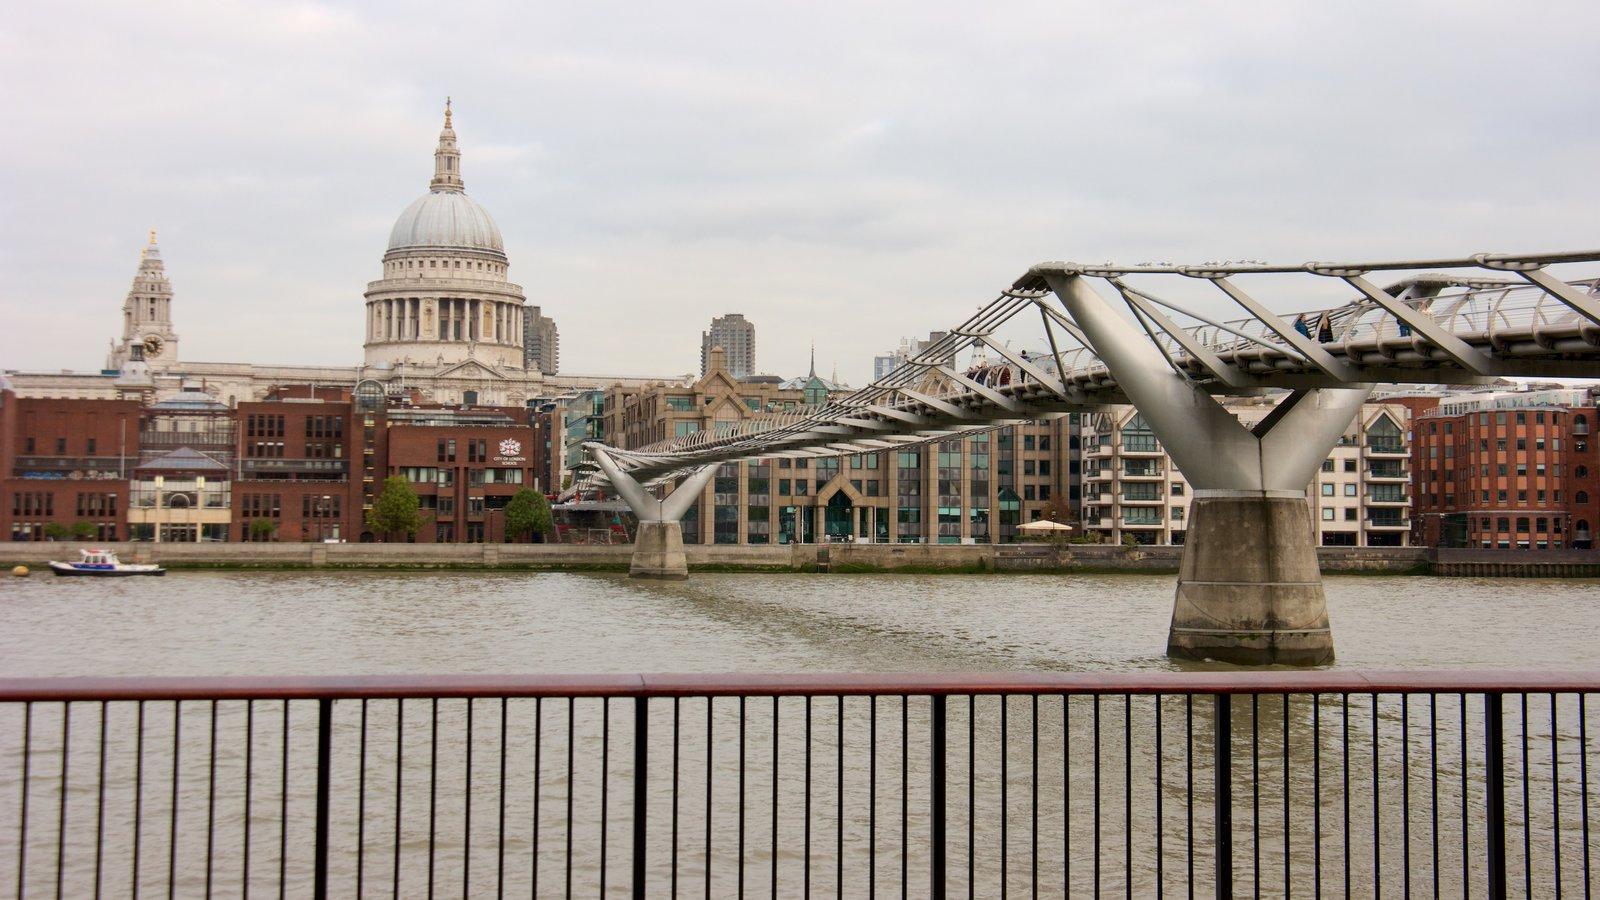 St. Paul\'s Cathedral caracterizando uma cidade, arquitetura moderna e um rio ou córrego